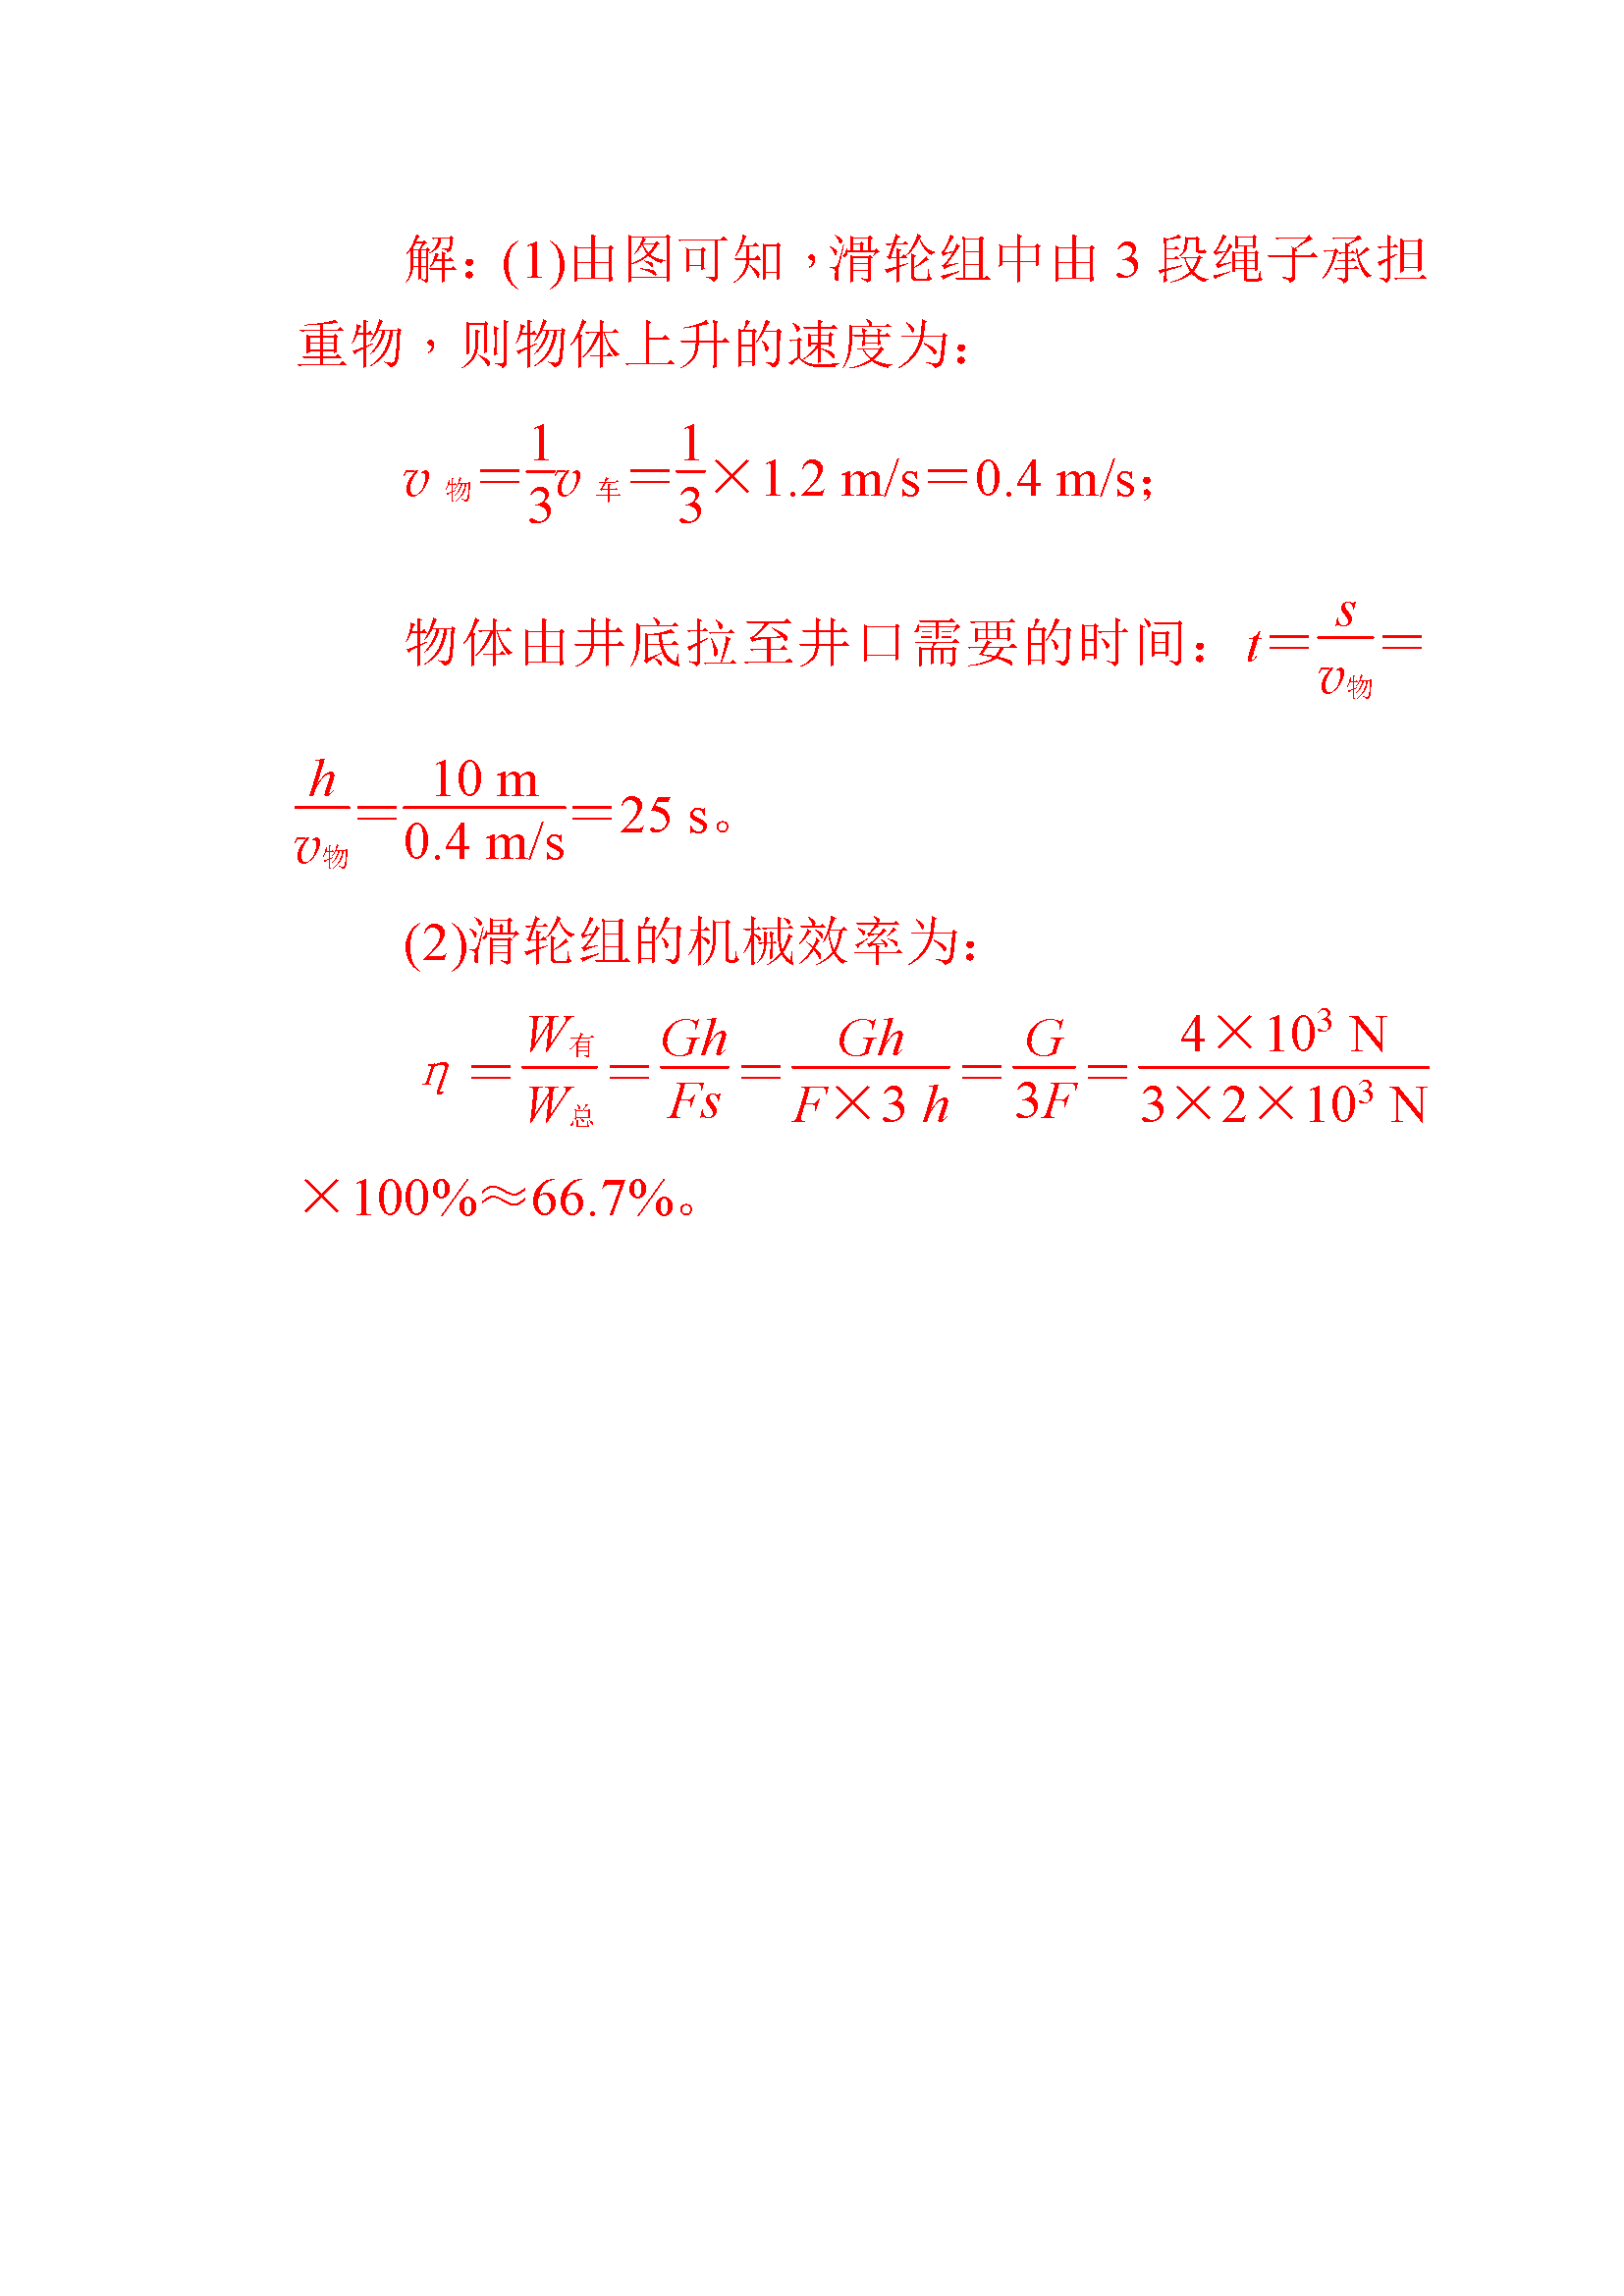 2018中考物理力学综合计算压轴题练习(六)答案(Word版)